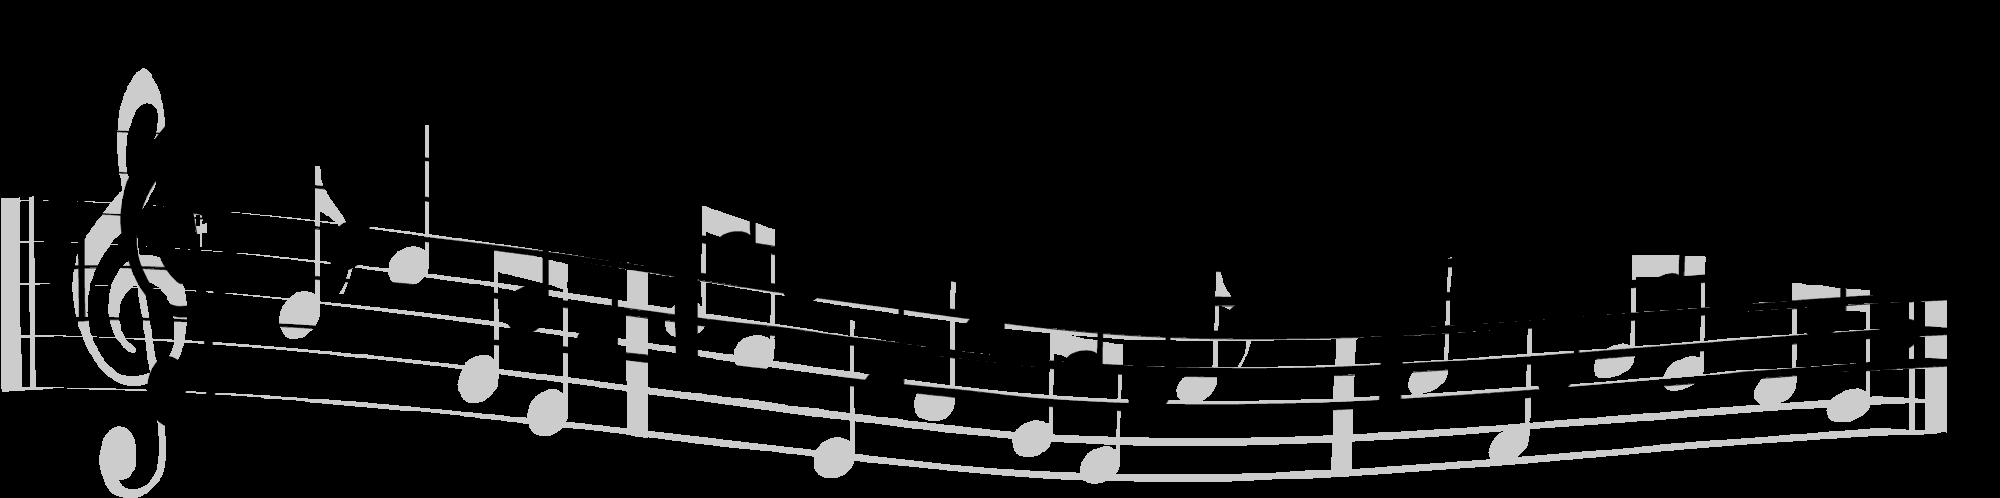 2000x498 Staff Clipart Music Staff